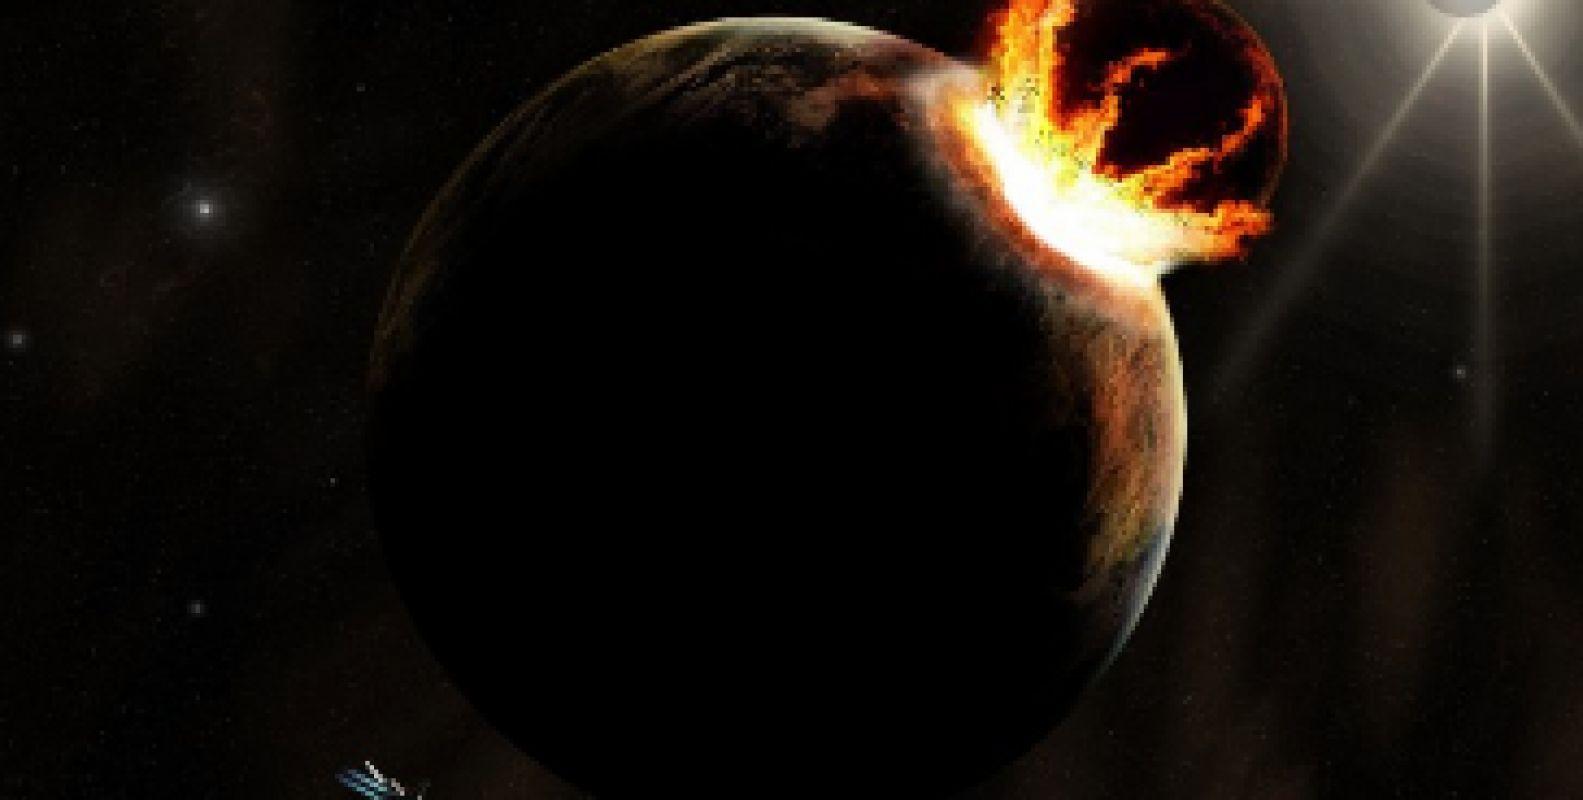 Ученые выяснили, что Юпитер поглотил крупную планету